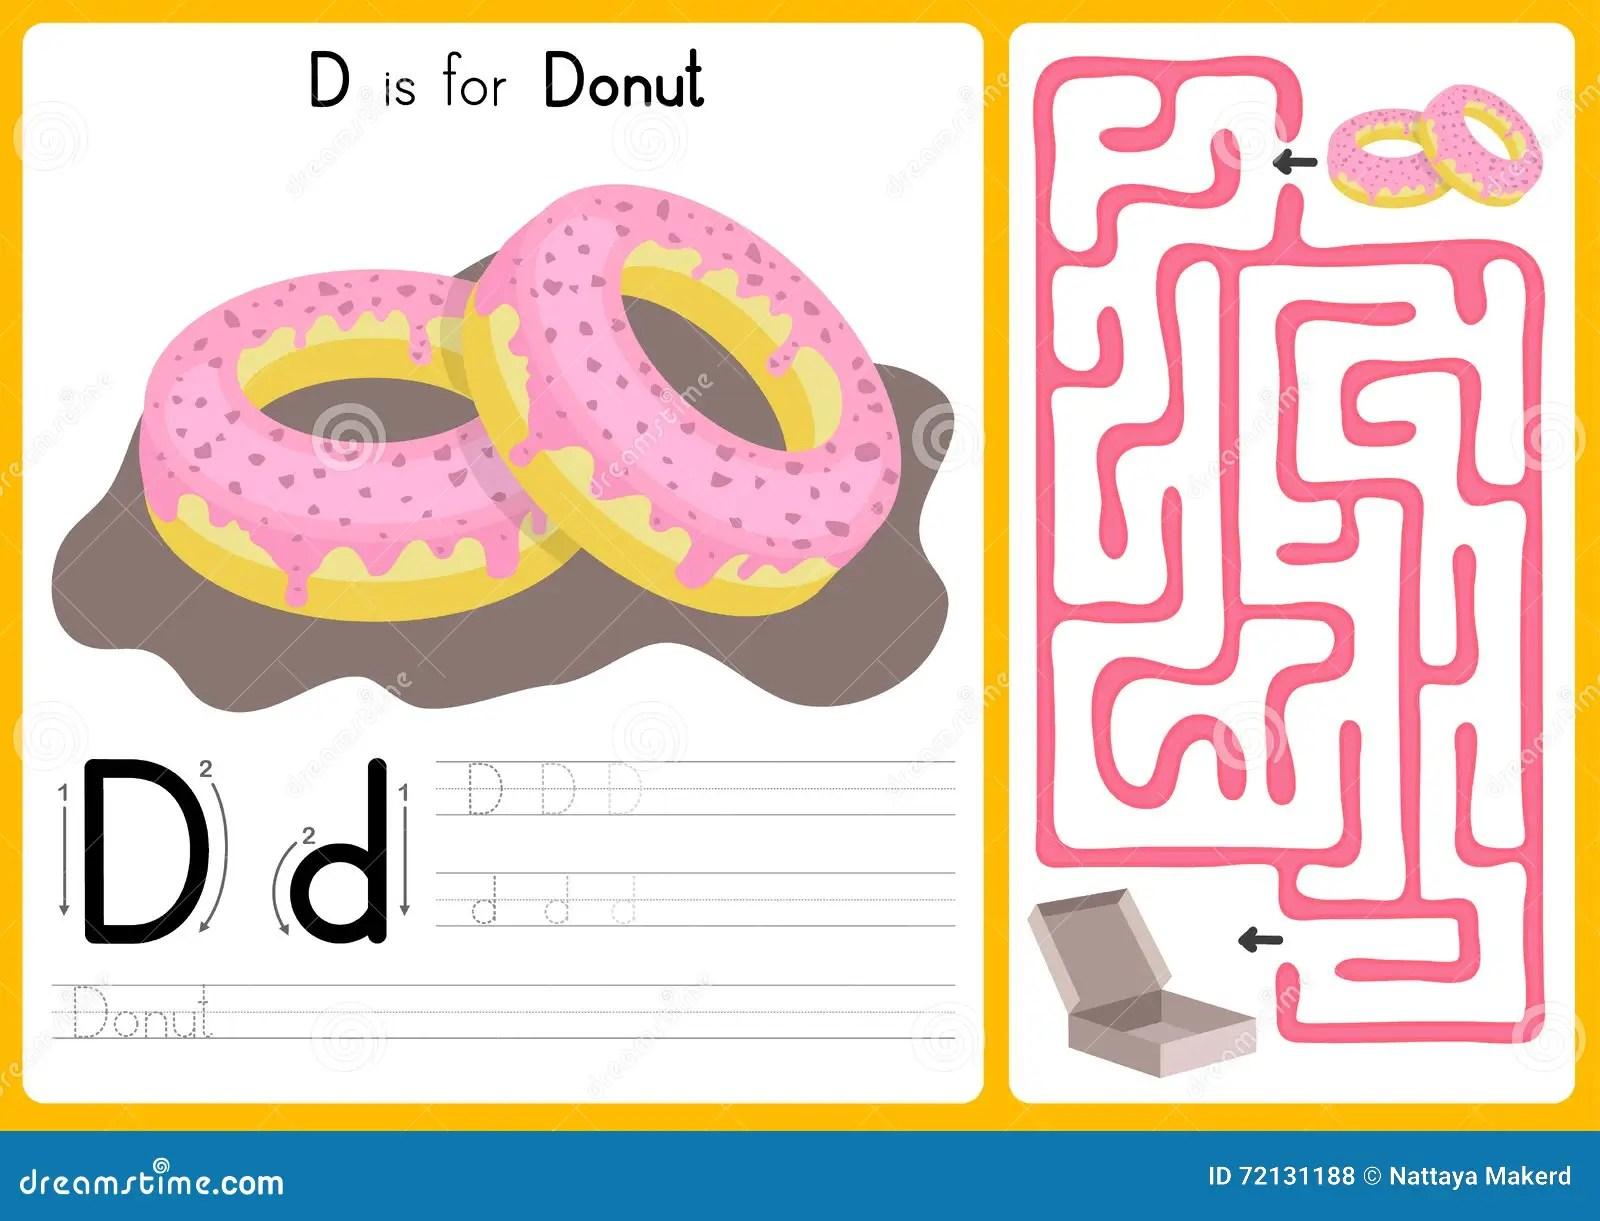 Preschool Worksheet Images